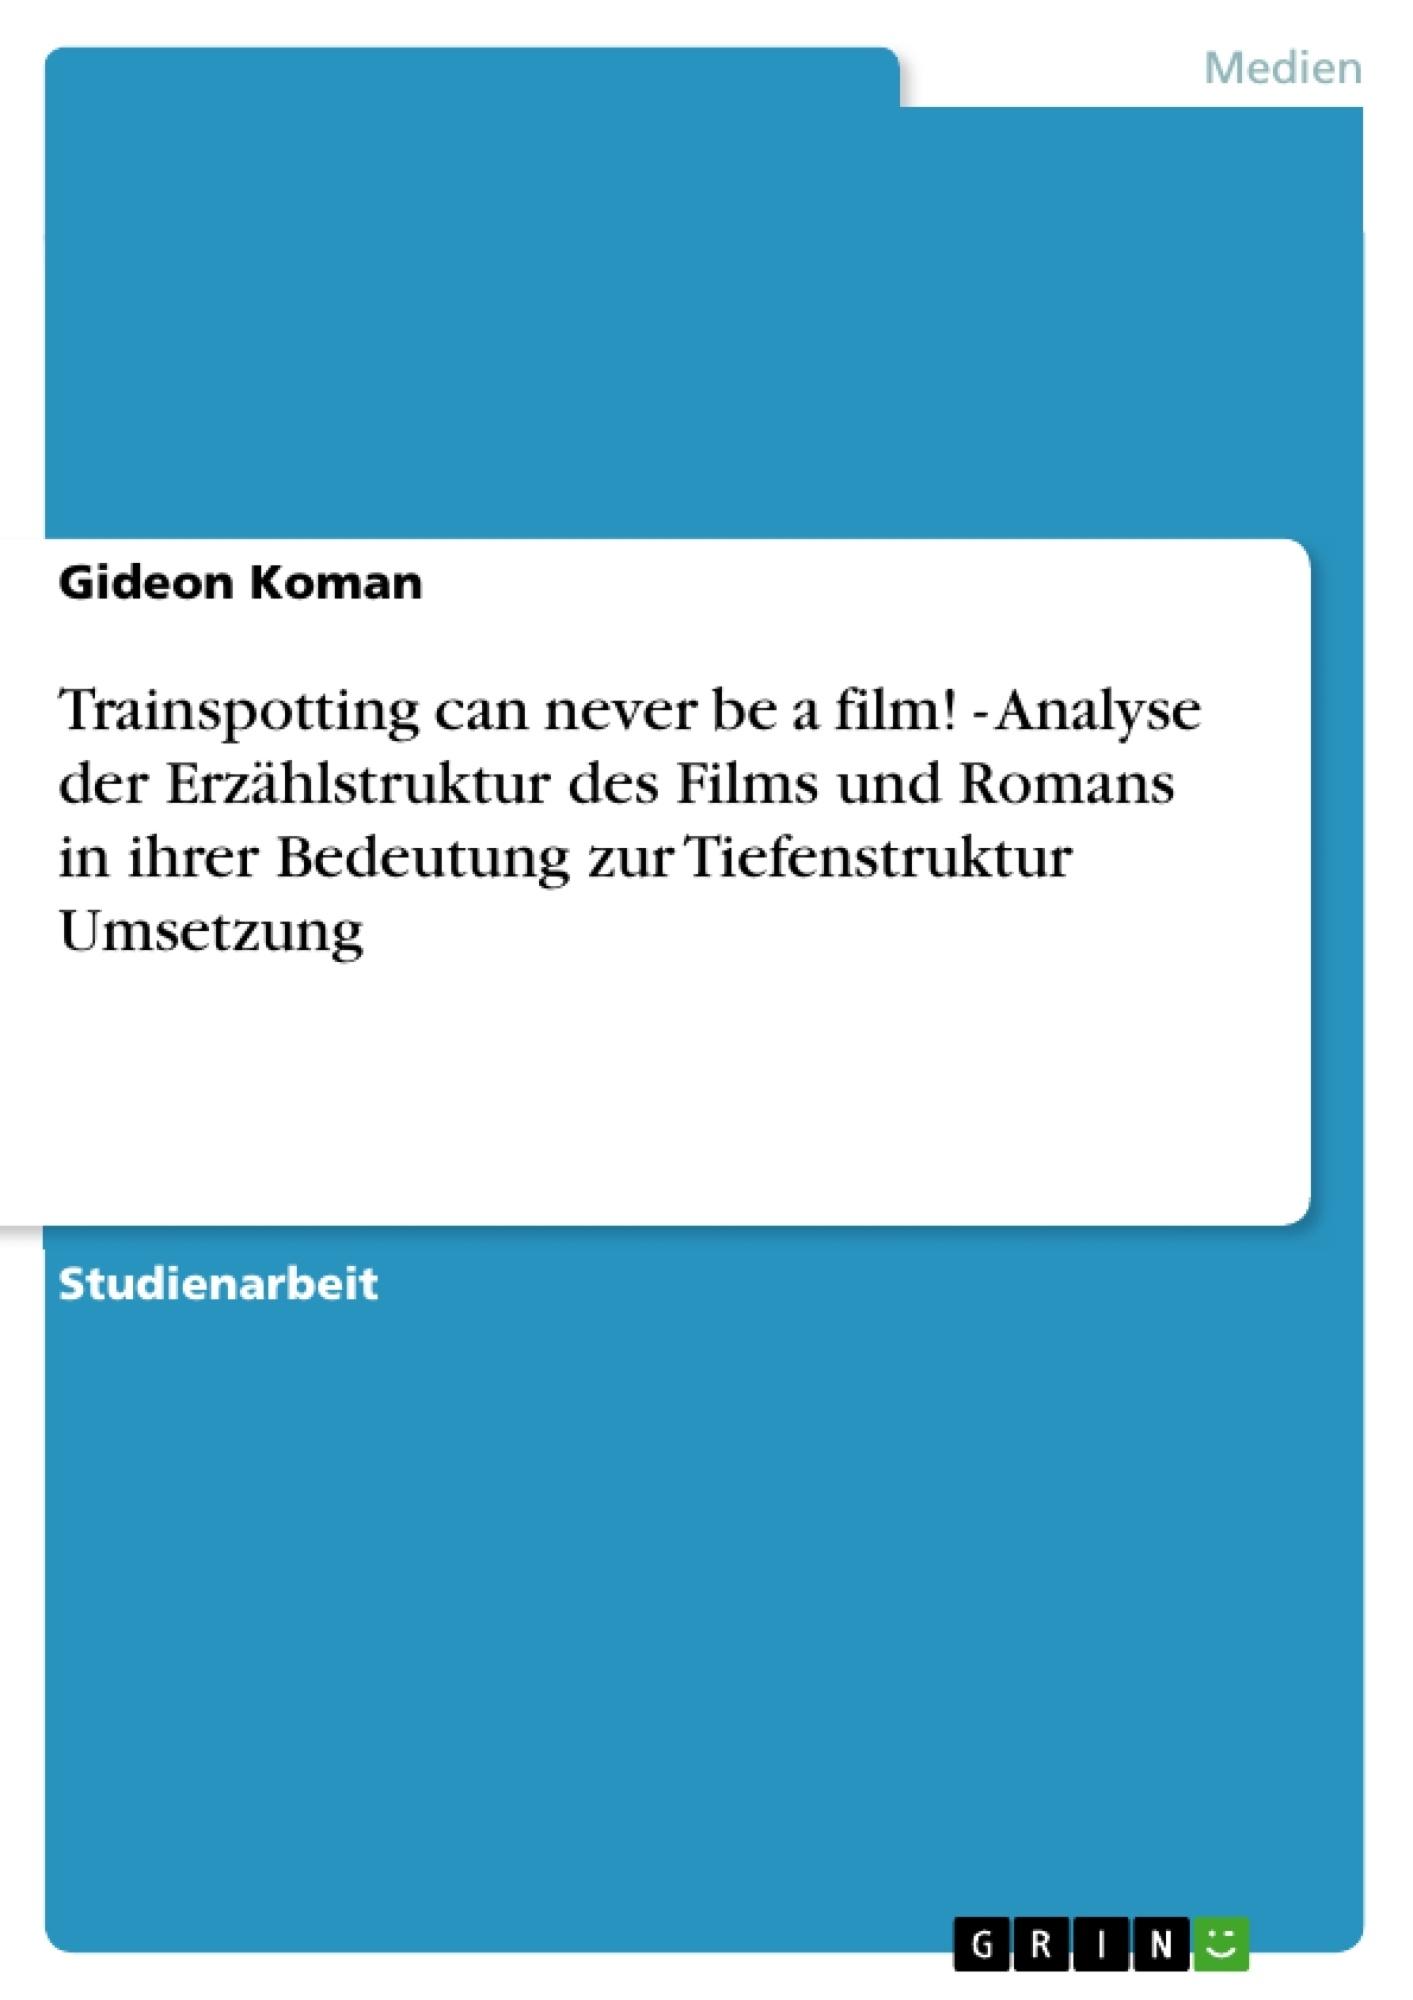 Titel: Trainspotting can never be a film! - Analyse der Erzählstruktur des Films und Romans in ihrer Bedeutung zur Tiefenstruktur Umsetzung